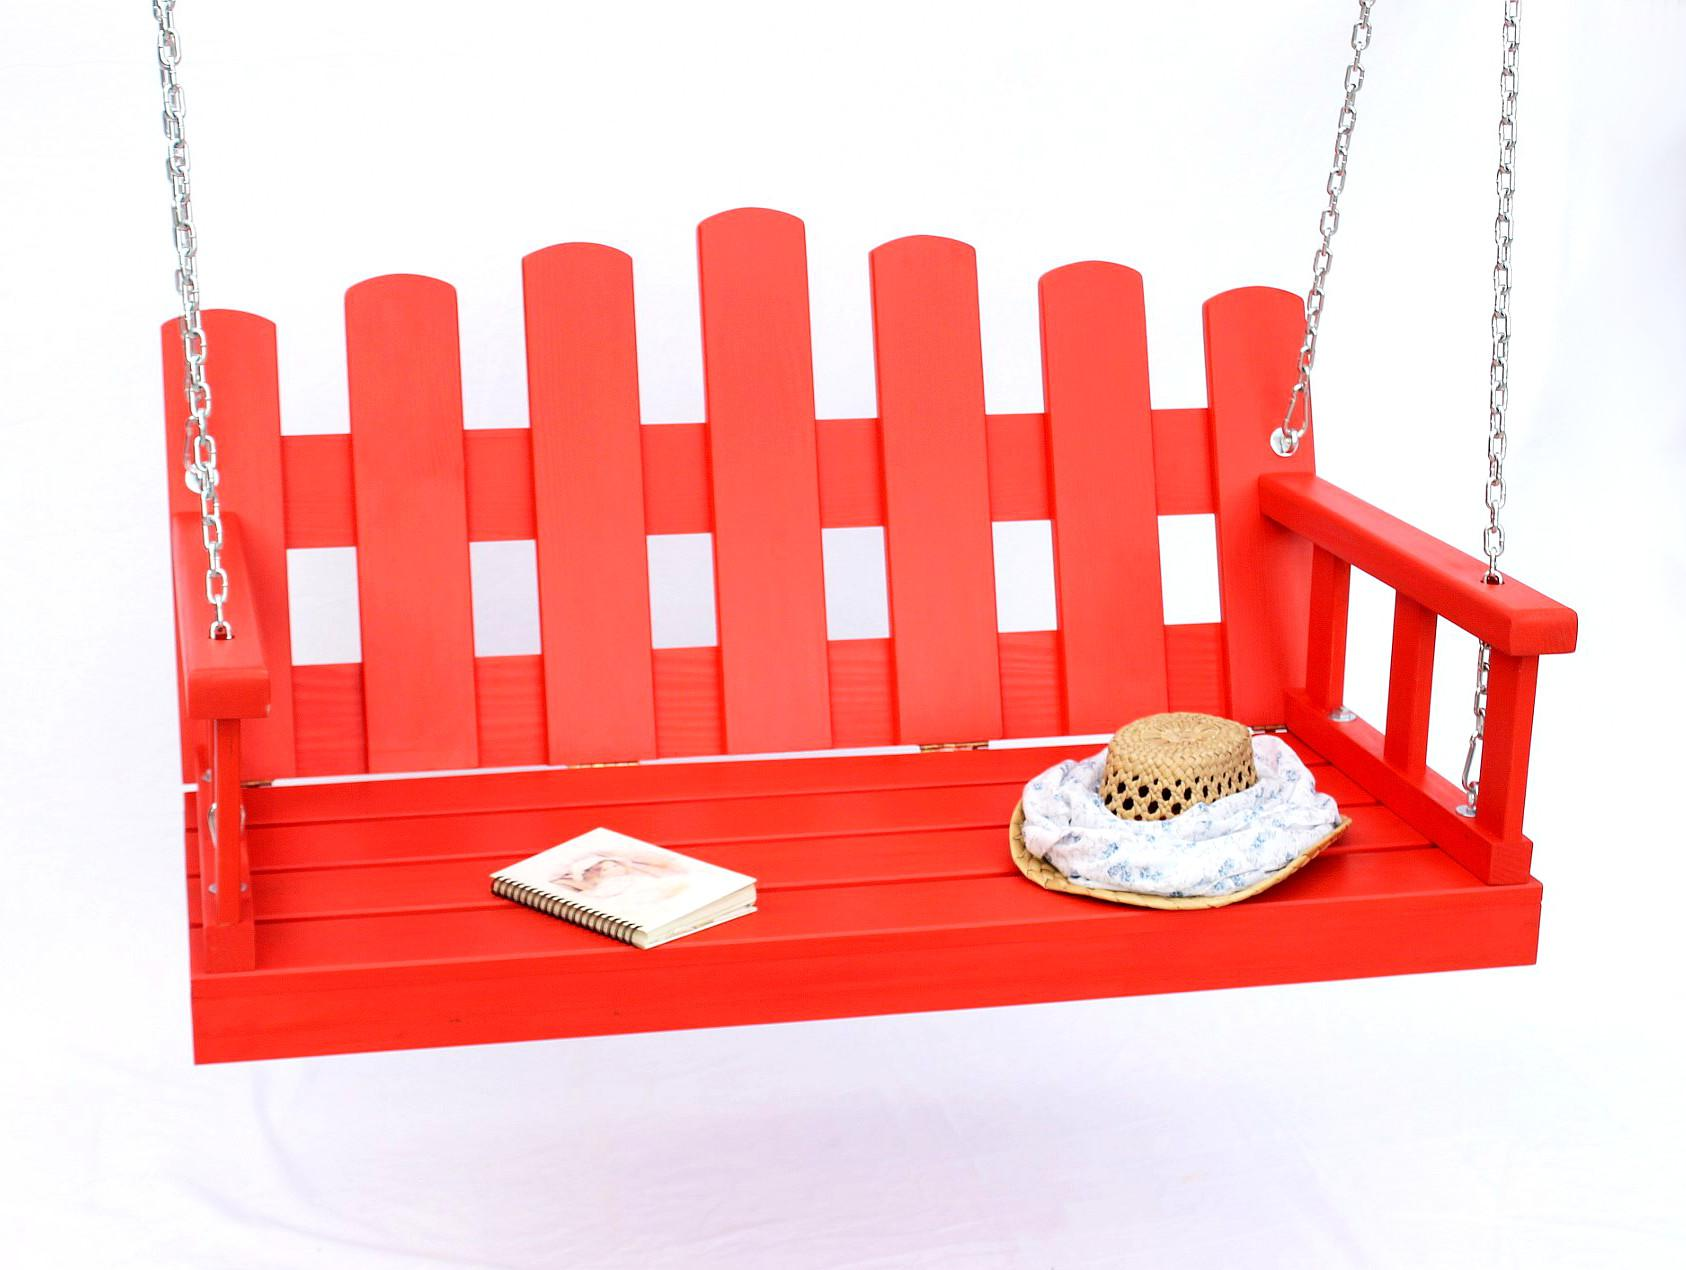 Hollywoodschaukel Holz Mit Auflage ~   mit Ketten und Auflage Gartenschaukel Hollywoodschaukel Hängesessel 3